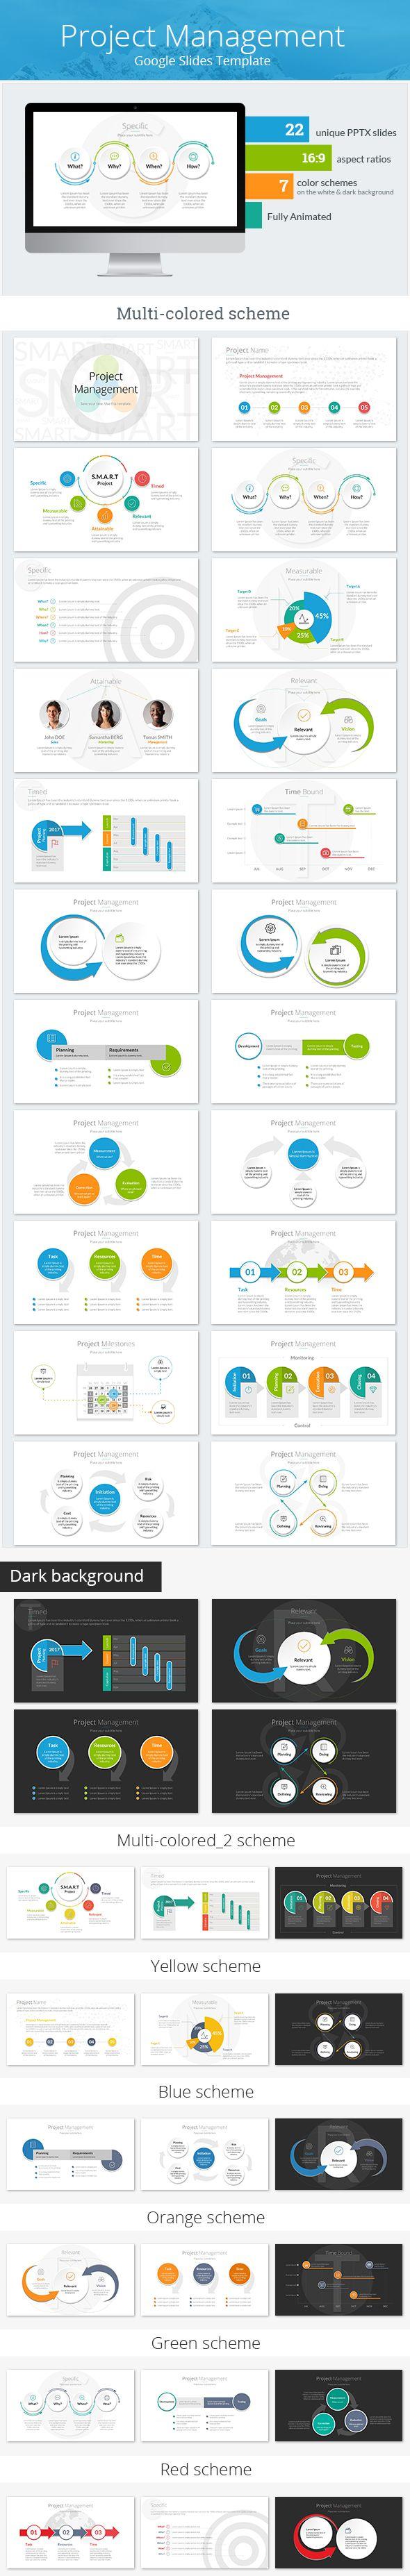 Project Management Google Slides Template - Google Slides Presentation Templates